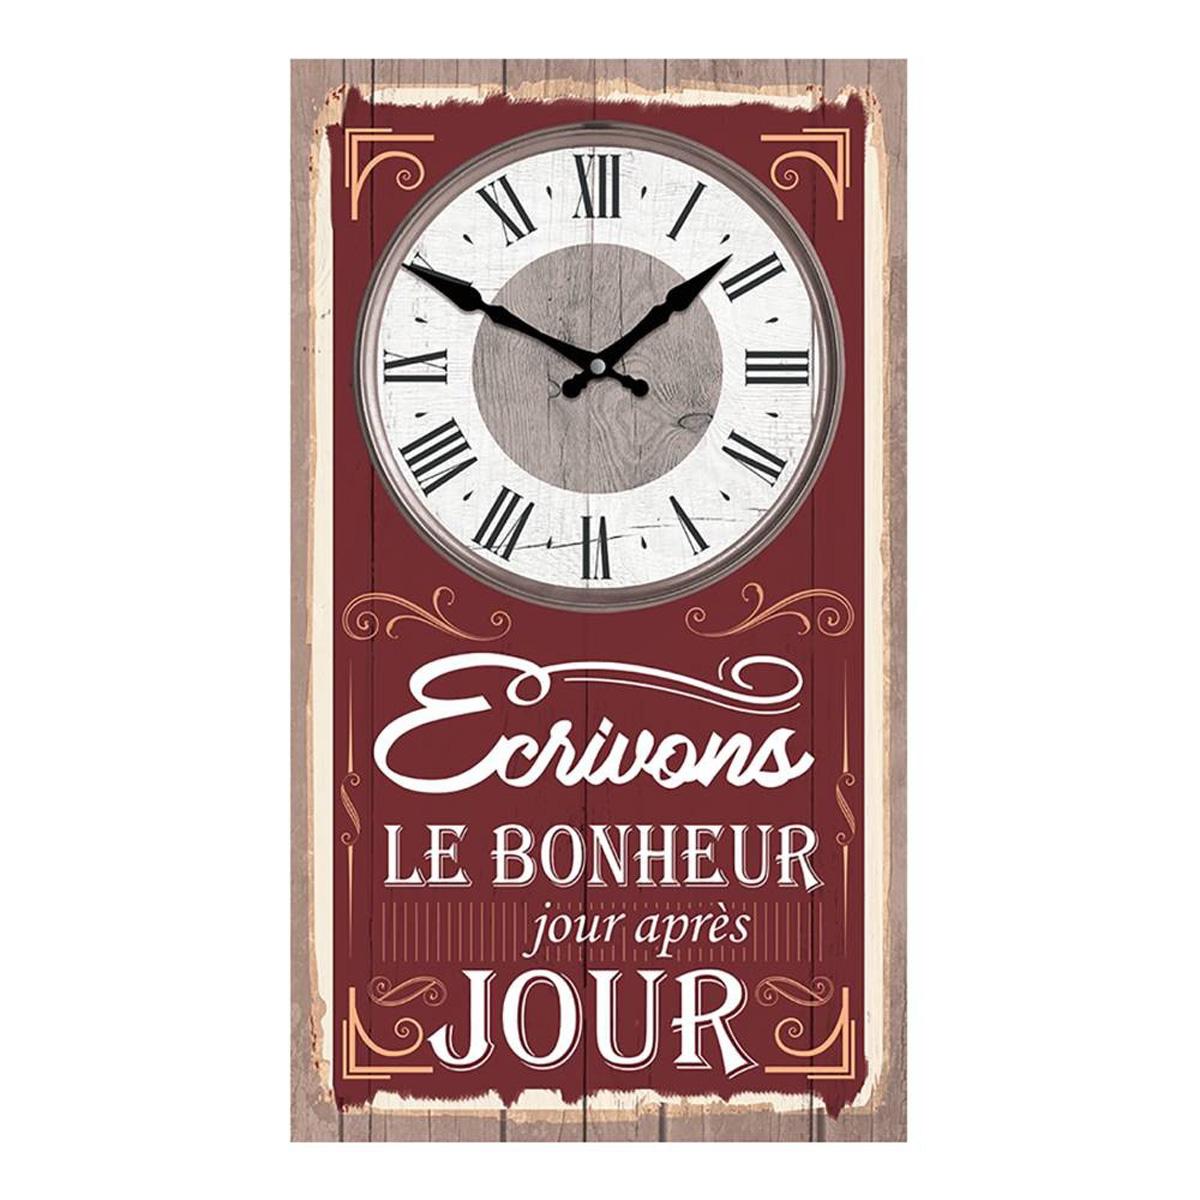 Horloge Murale \'Messages\' bordeaux (Ecrivons le Bonheur jour après jour) - 49x28 cm - [Q4514]